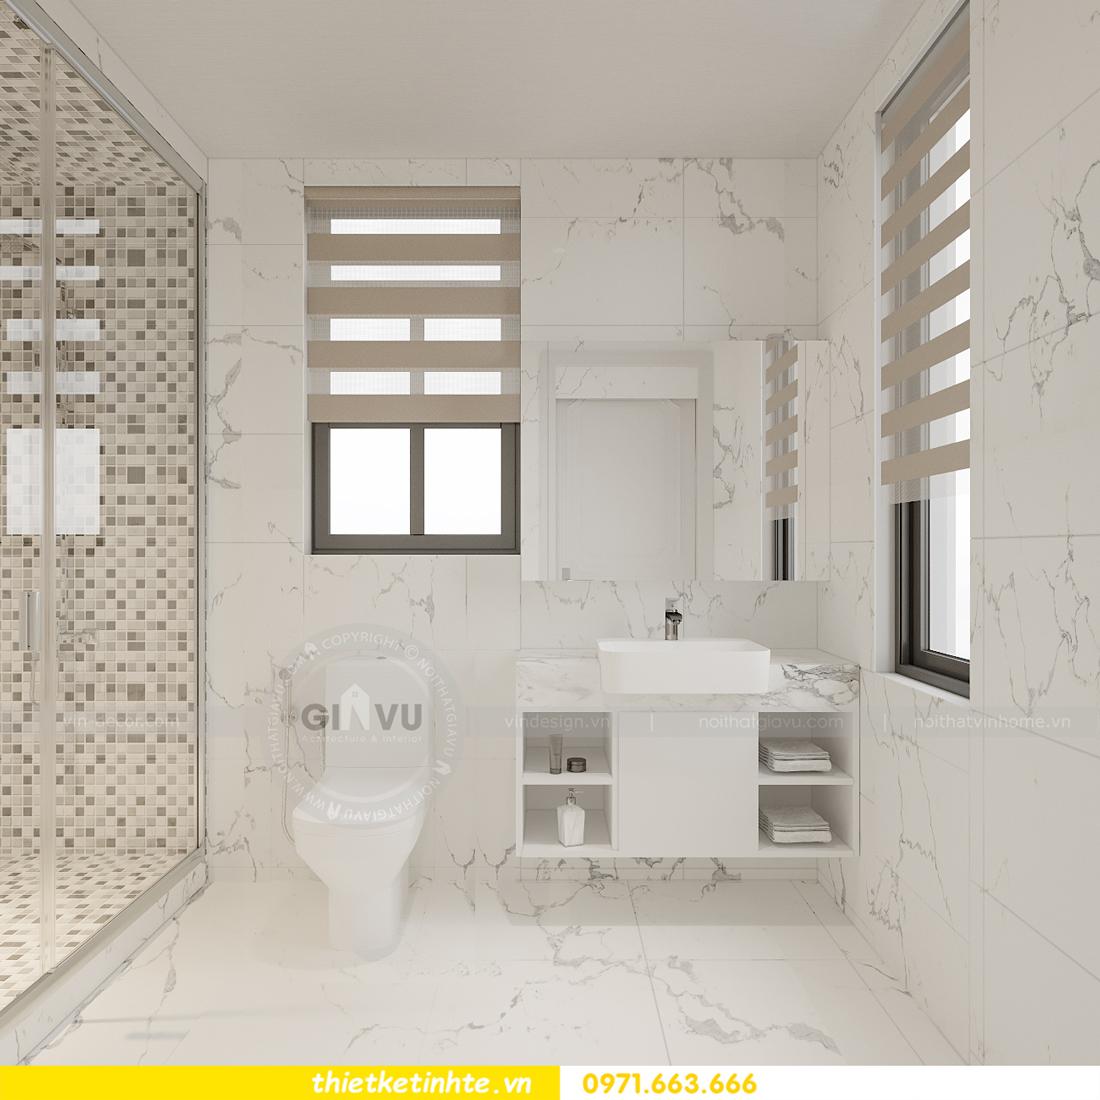 Thiết kế nội thất nhà phố hiện đại nhà anh Sơn Hải Phòng 12